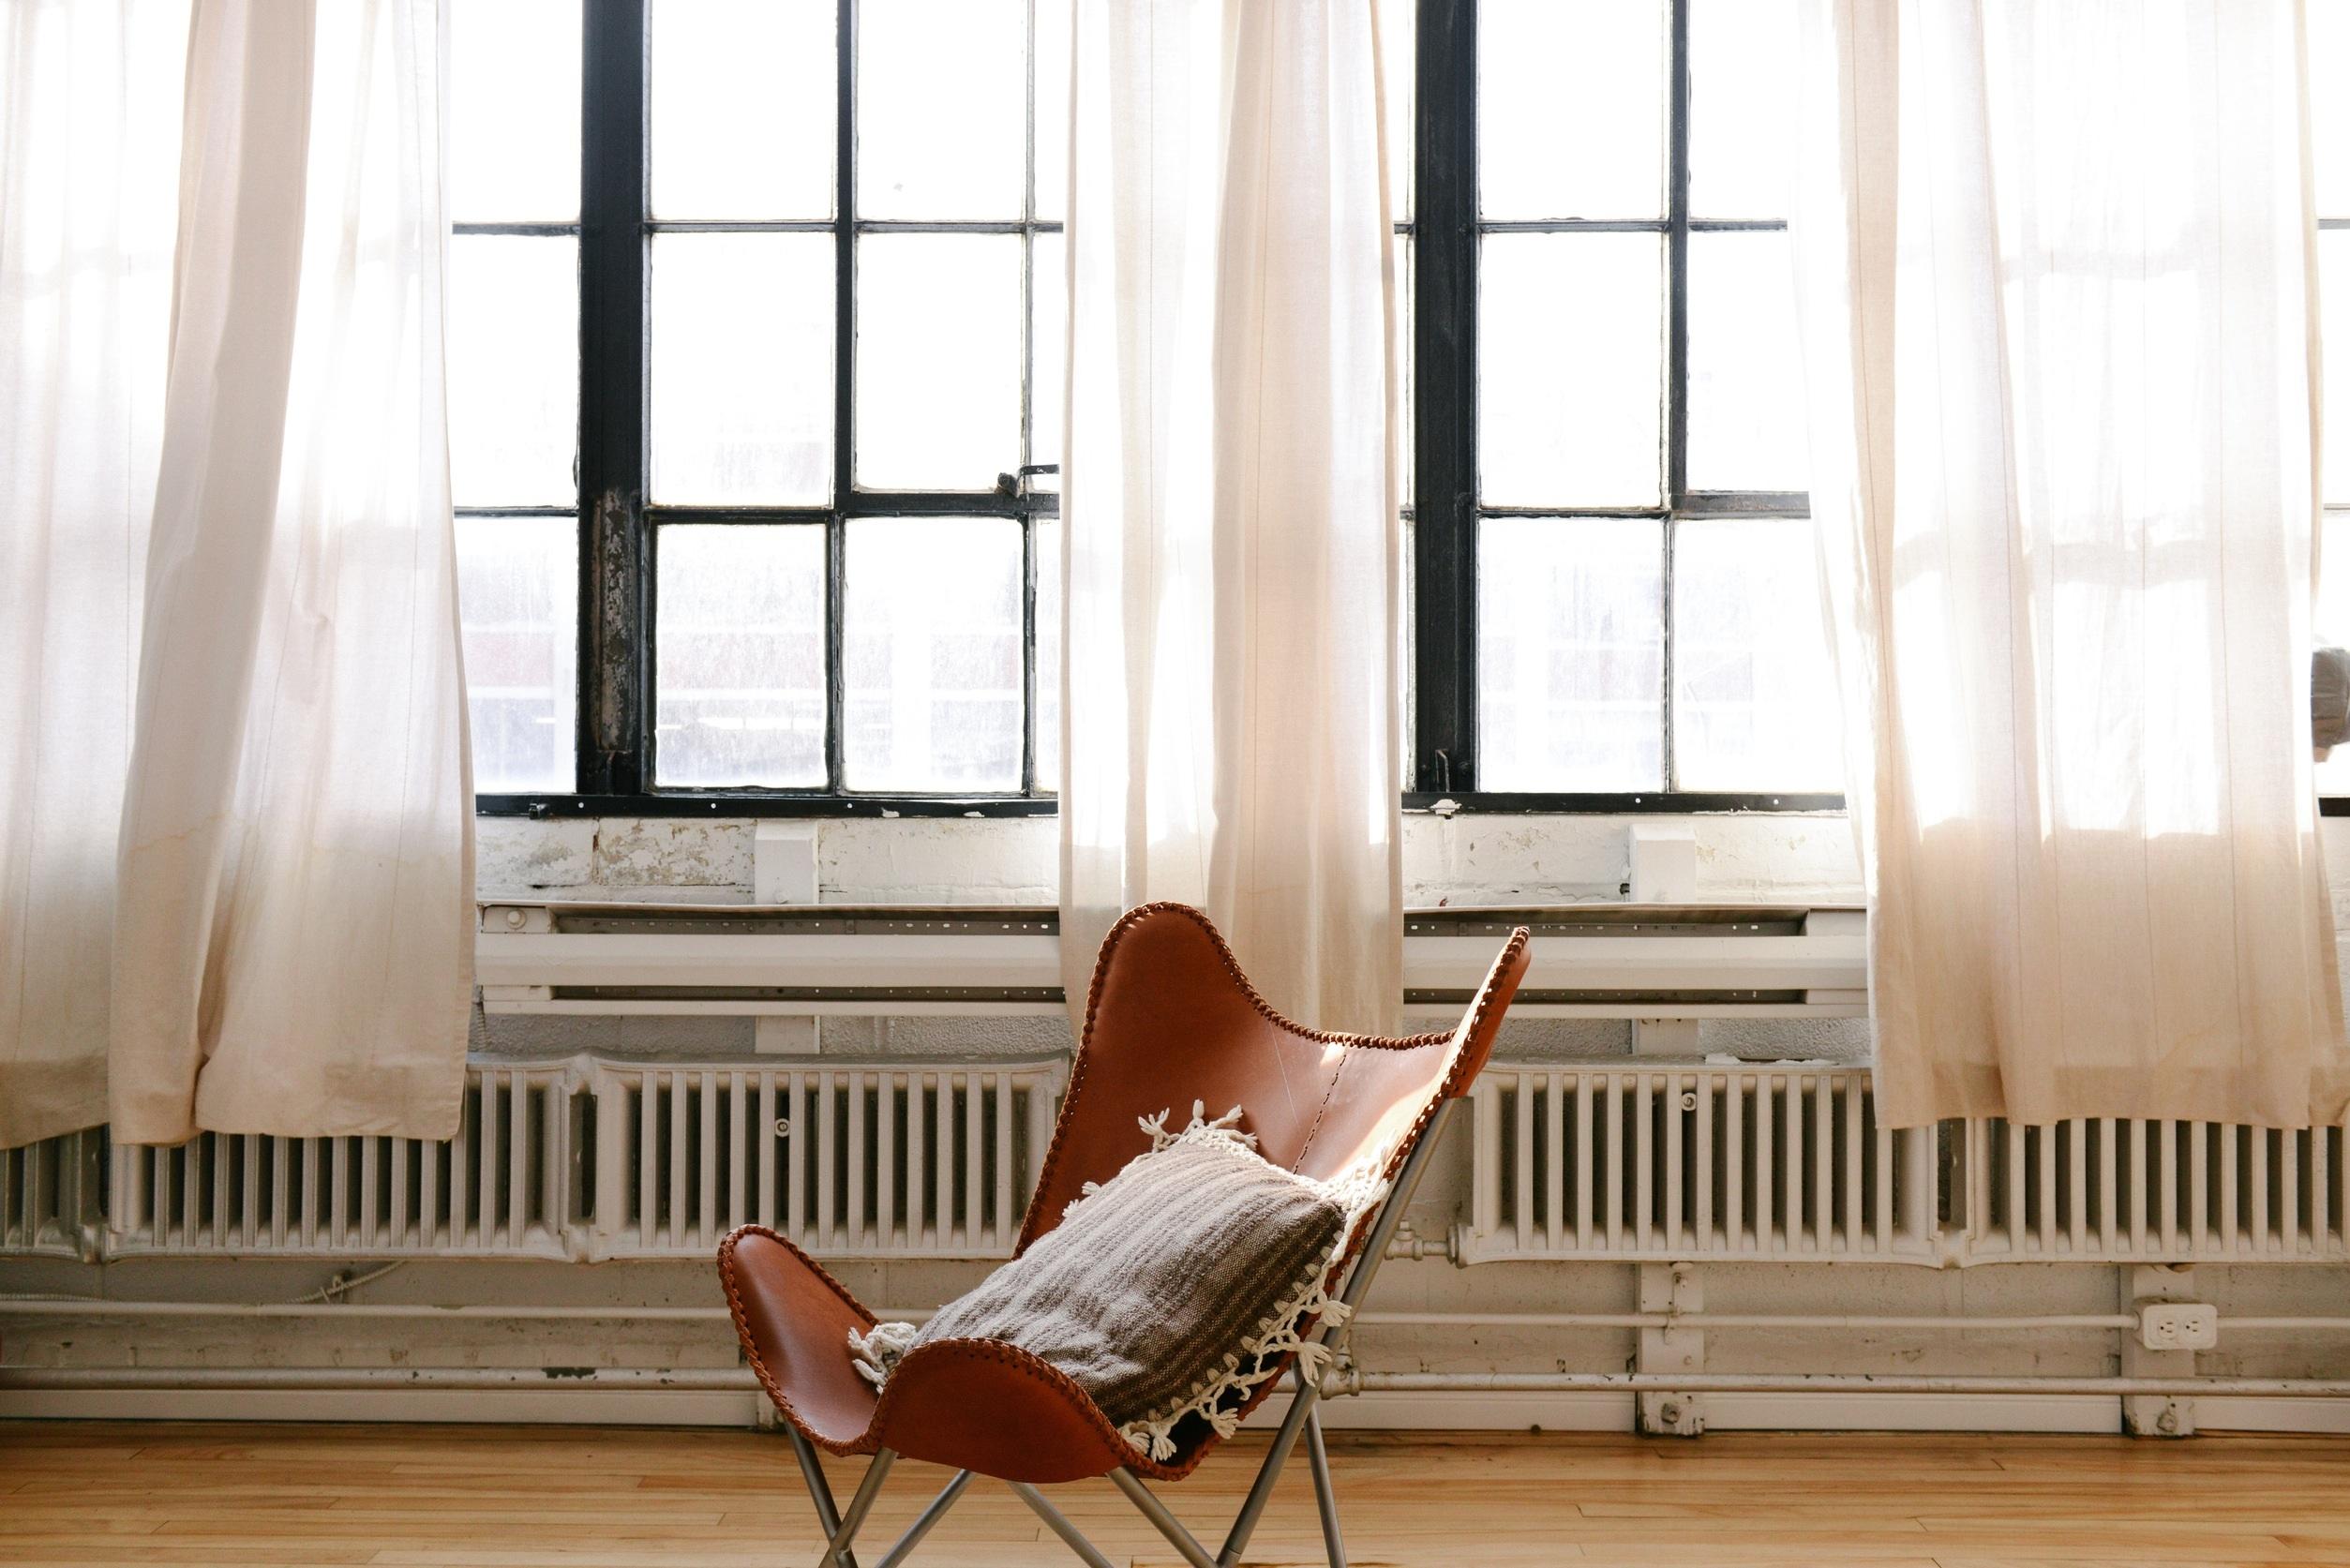 fb23685de27a stôl drevo dom stoličky podlaha okno Domov chata vlastnosť obývačka nábytok  izbu vankúš byt interiérový dizajn